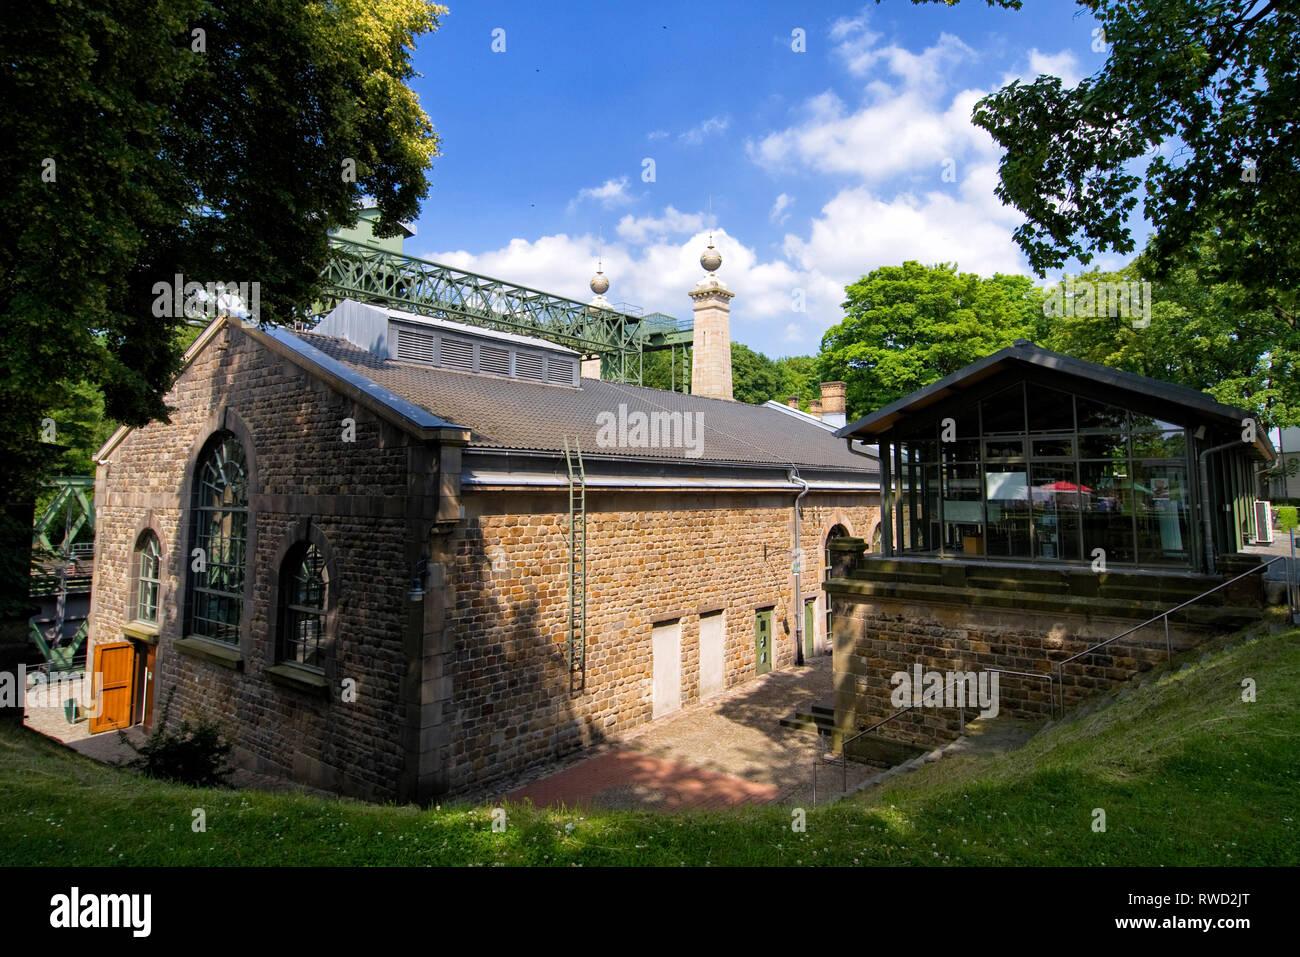 Historisches Schiffshebewerk am Dortmund-Ems-Kanal Henrichenburg - Stock Image